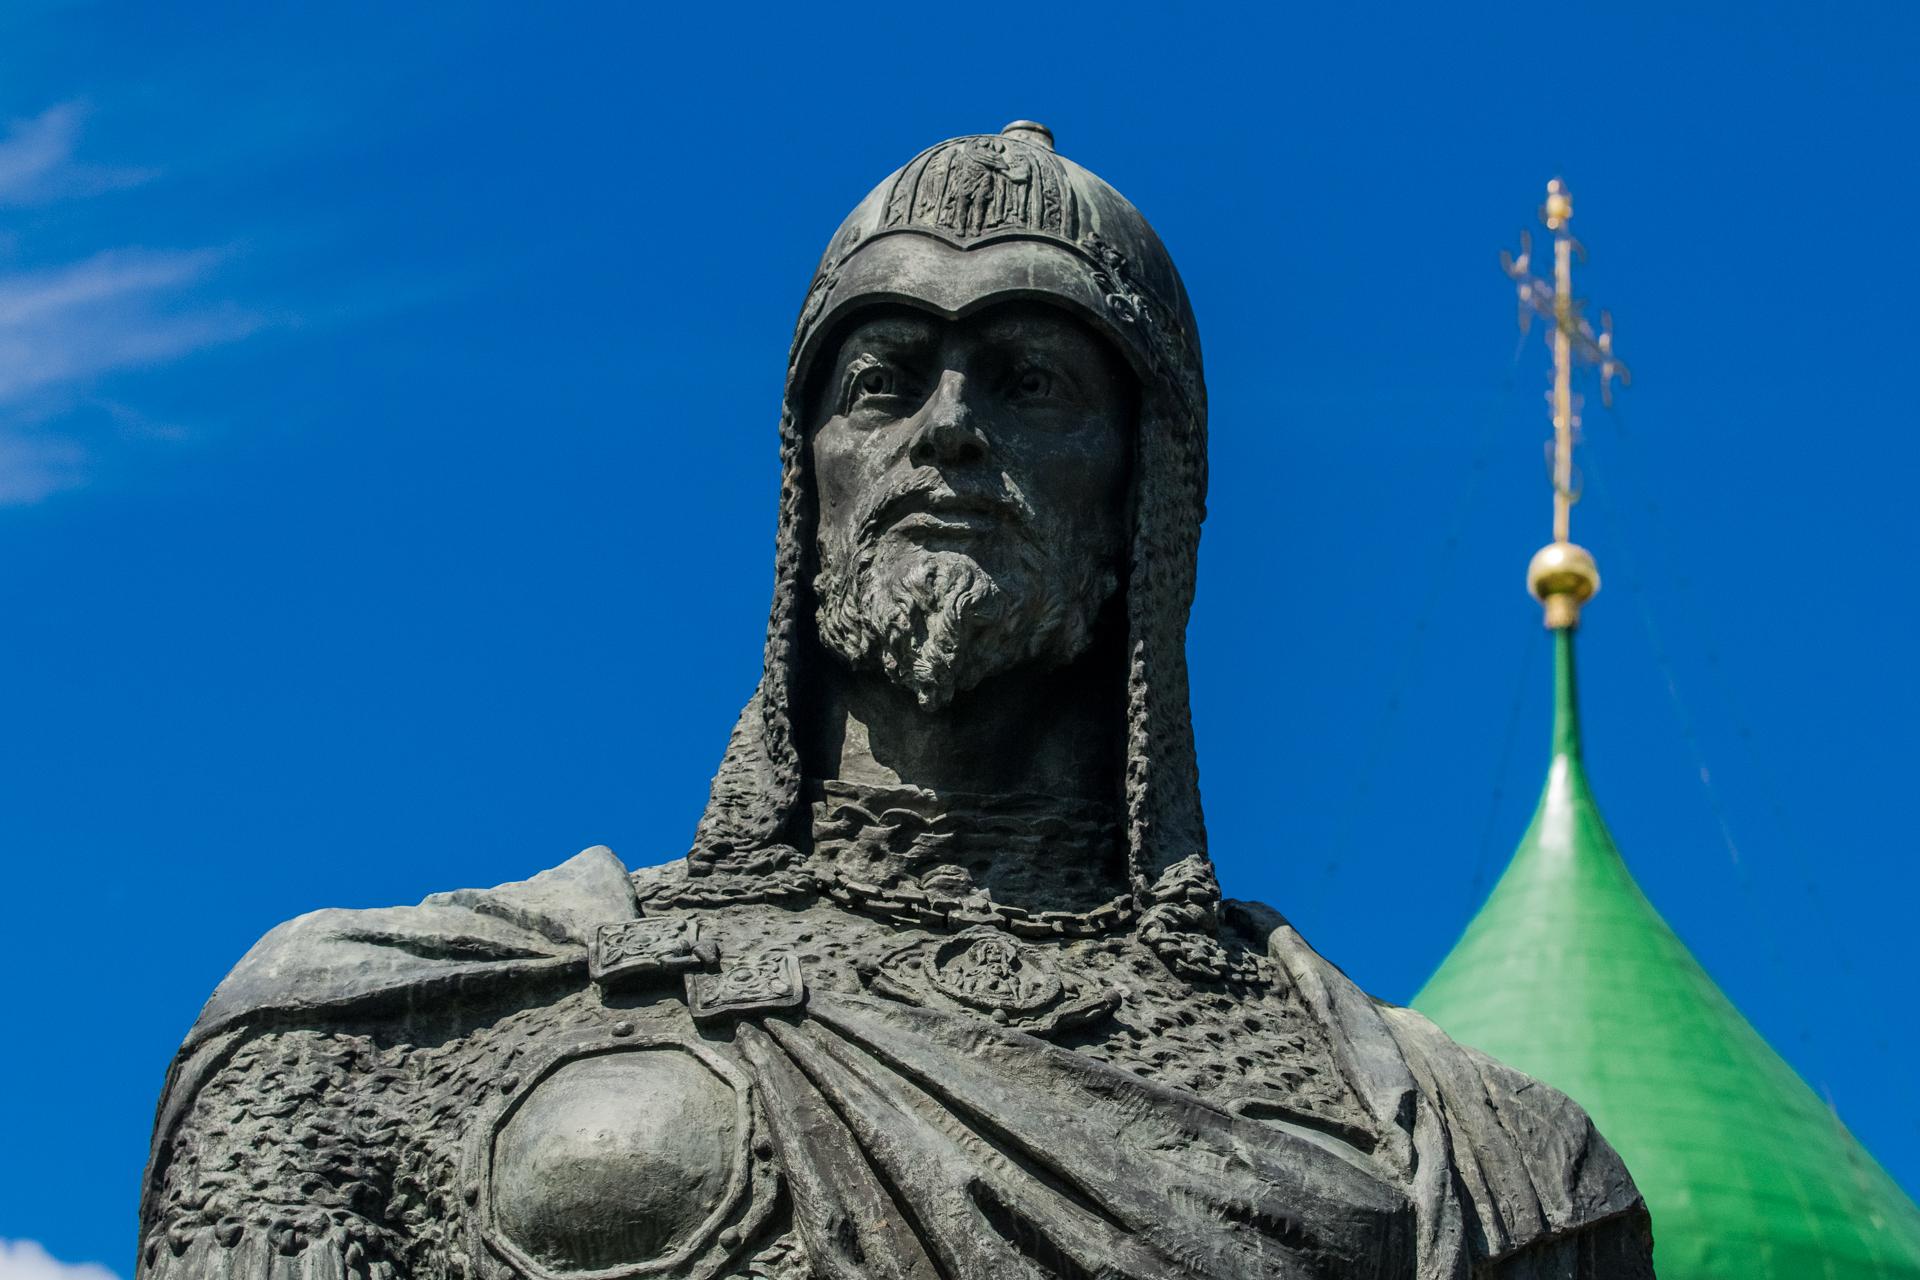 В Переславле-Залесском появятся новые туристические маршруты к 800-летию Александра Невского